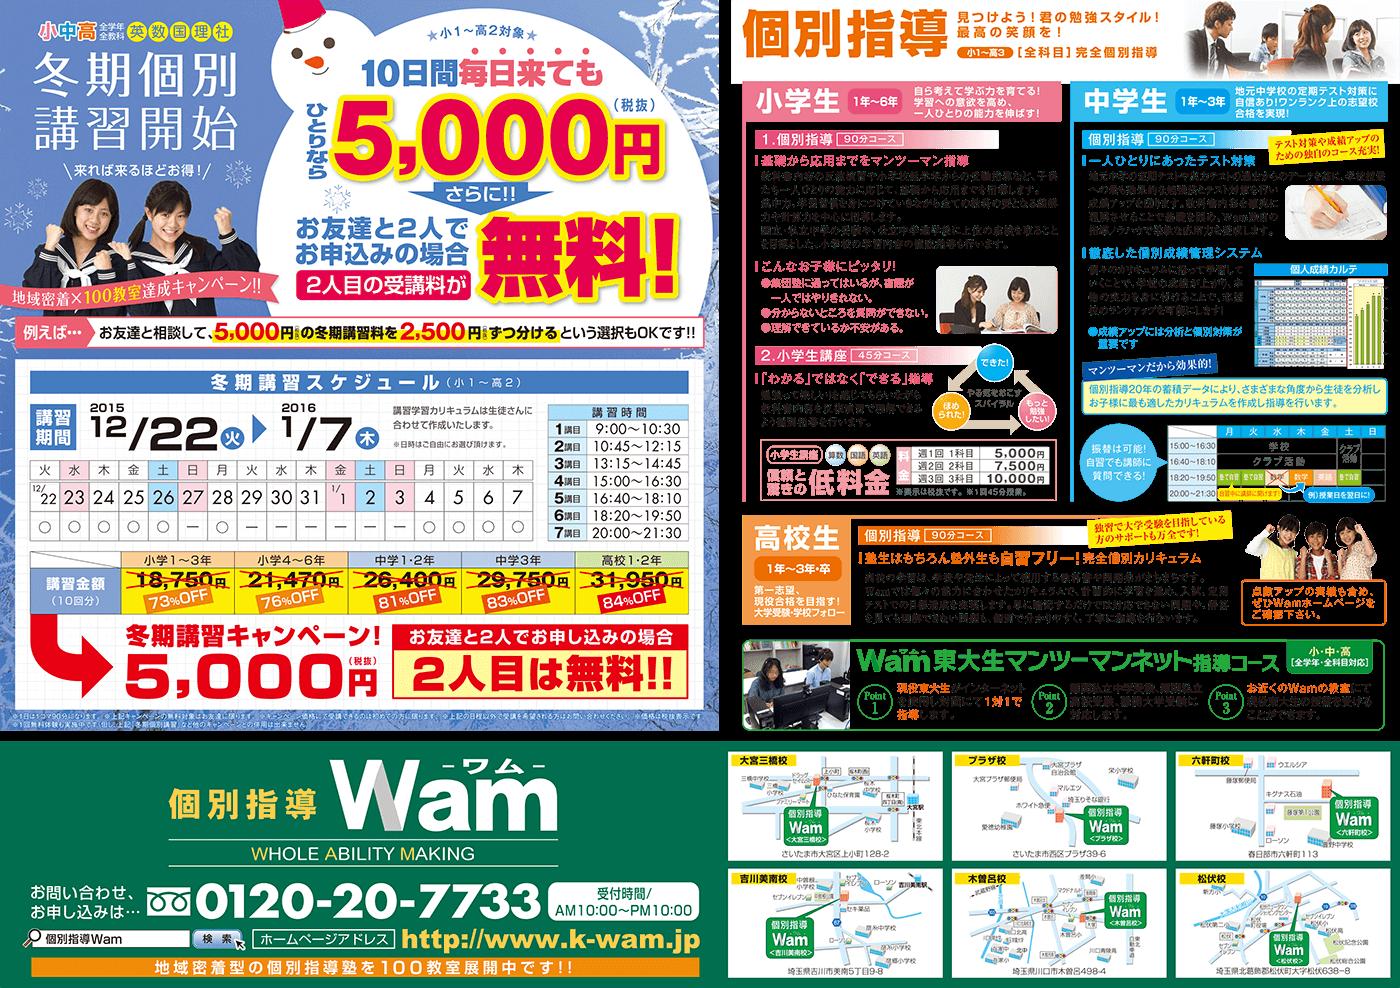 2015年冬期講習 埼玉・ウラ面